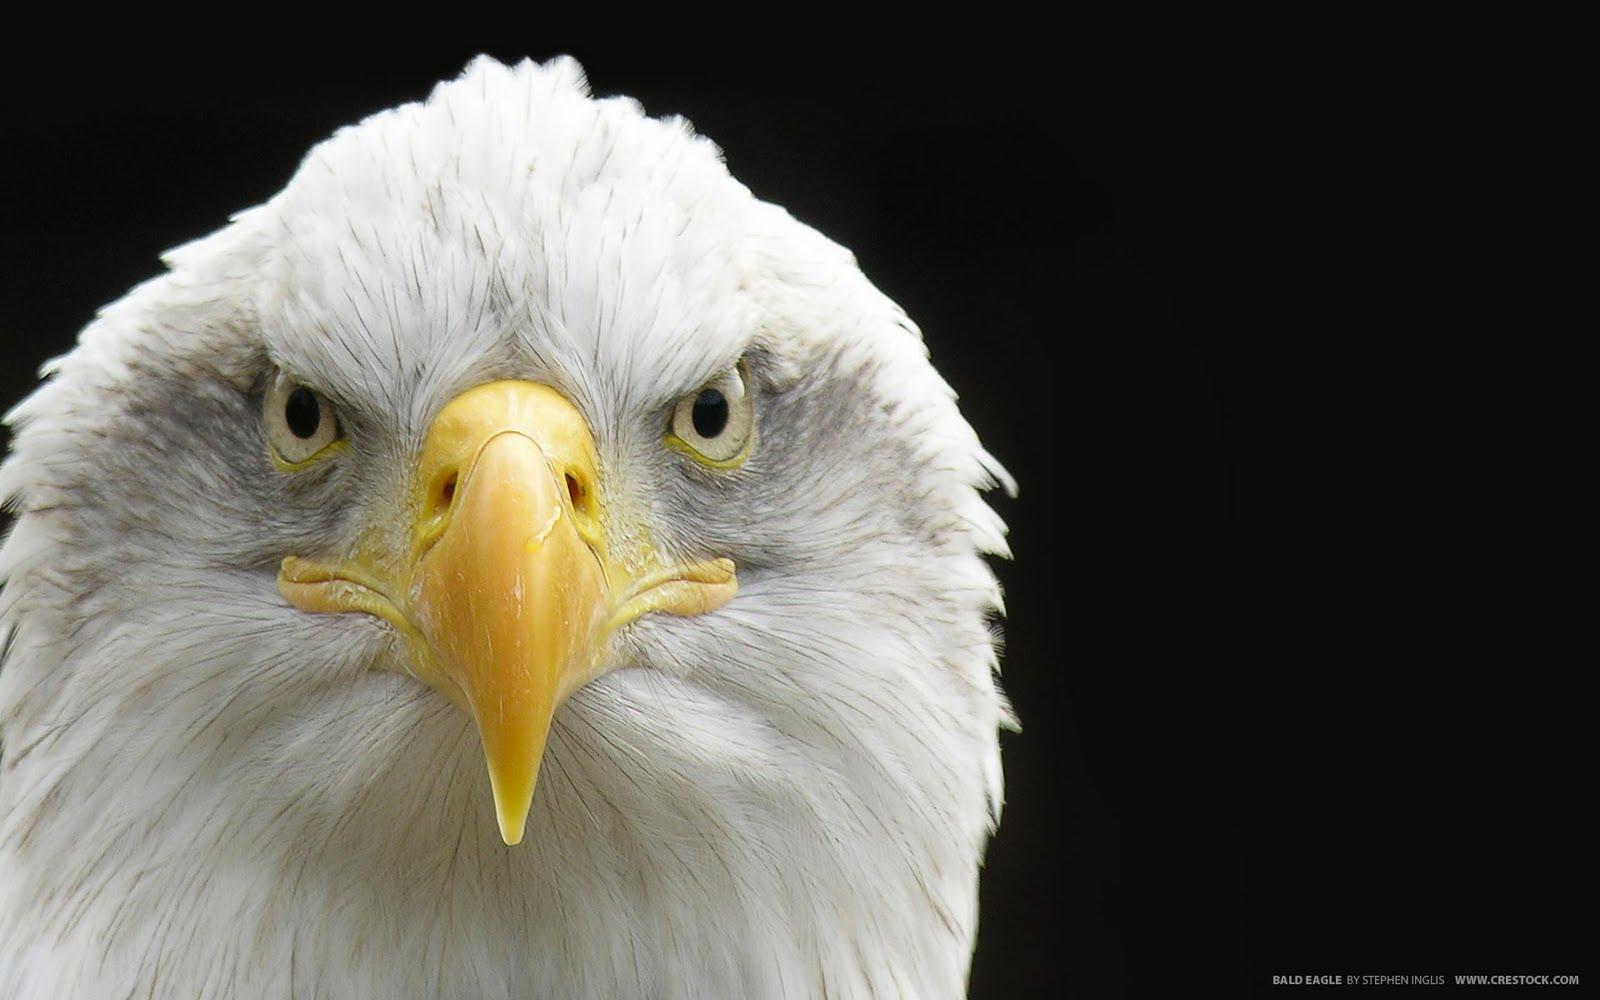 http://2.bp.blogspot.com/-SR_m9JLTVQo/TcvoUGhPFCI/AAAAAAAABgI/W3w_SdJGZtc/s1600/eagle_kartal.jpg